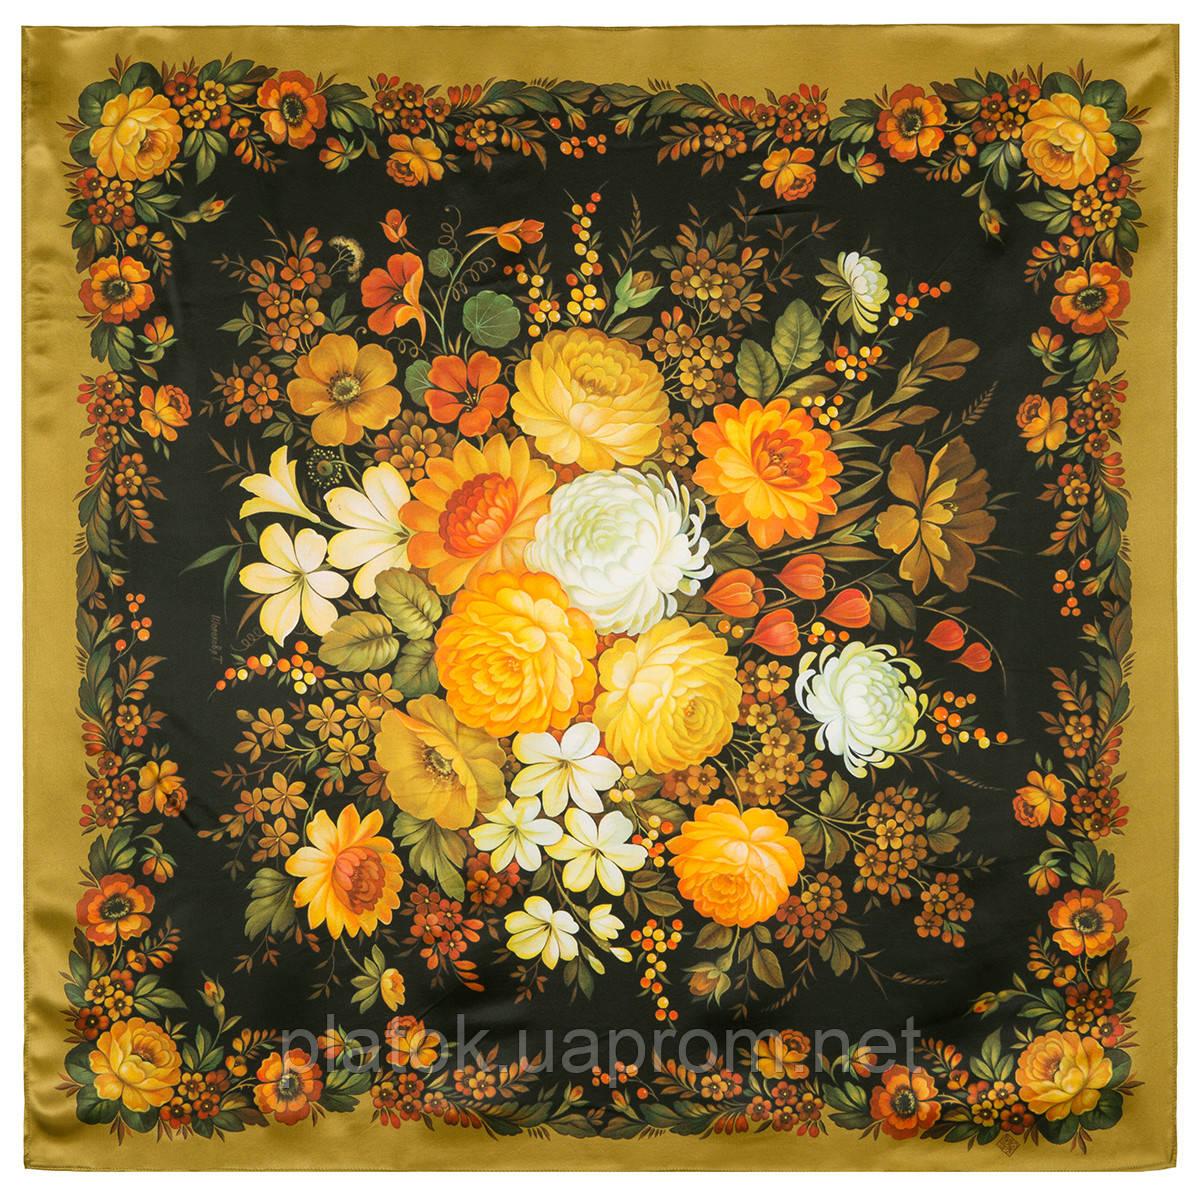 Жостовский букет 10063-2, павлопосадский платок (атлас) шелковый с подрубкой